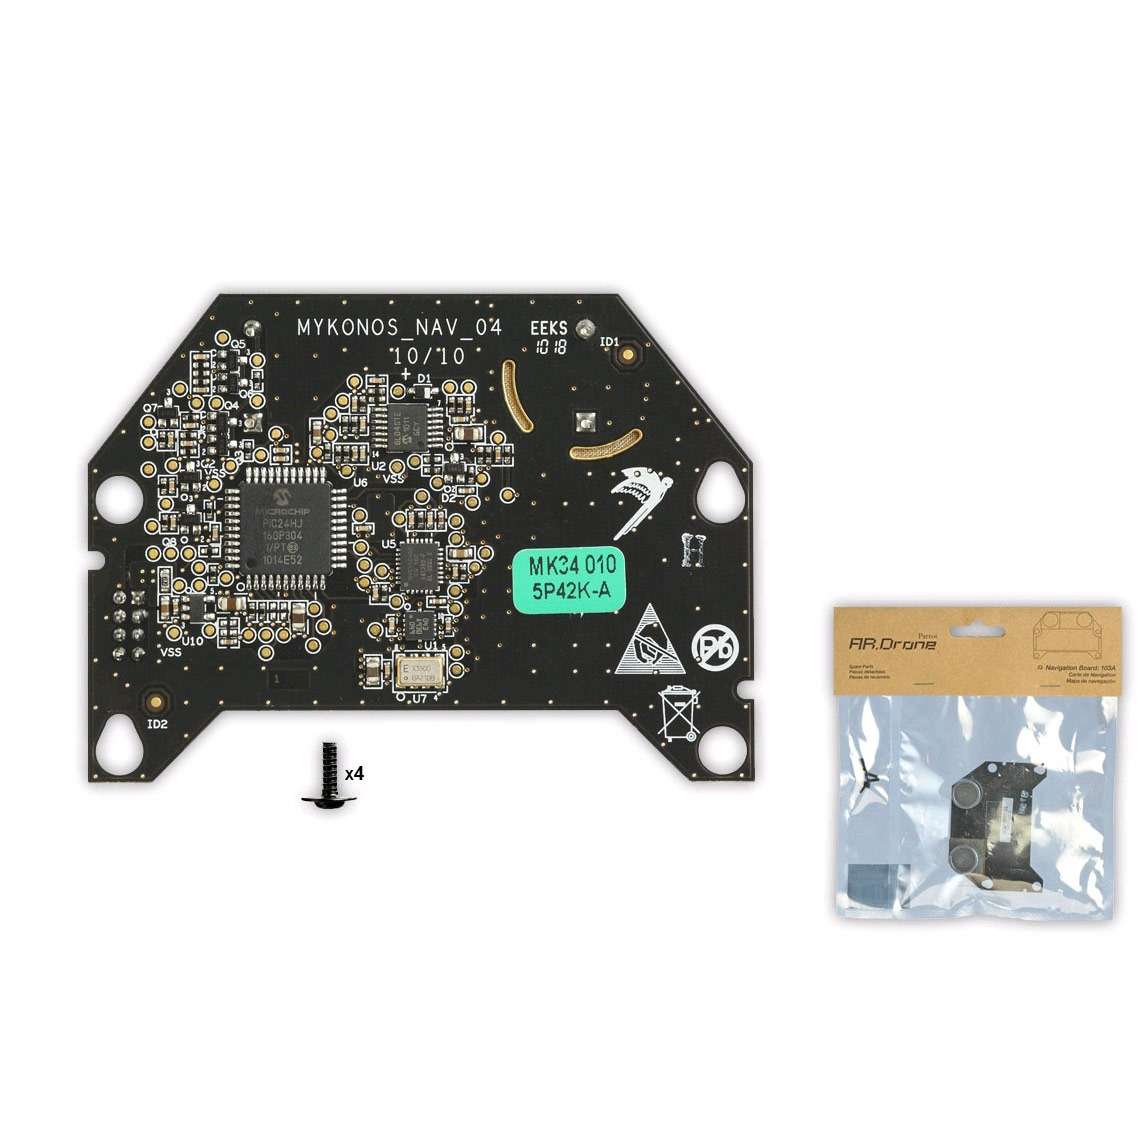 parrot carte de navigation pour ar drone accessoires iphone parrot sur. Black Bedroom Furniture Sets. Home Design Ideas